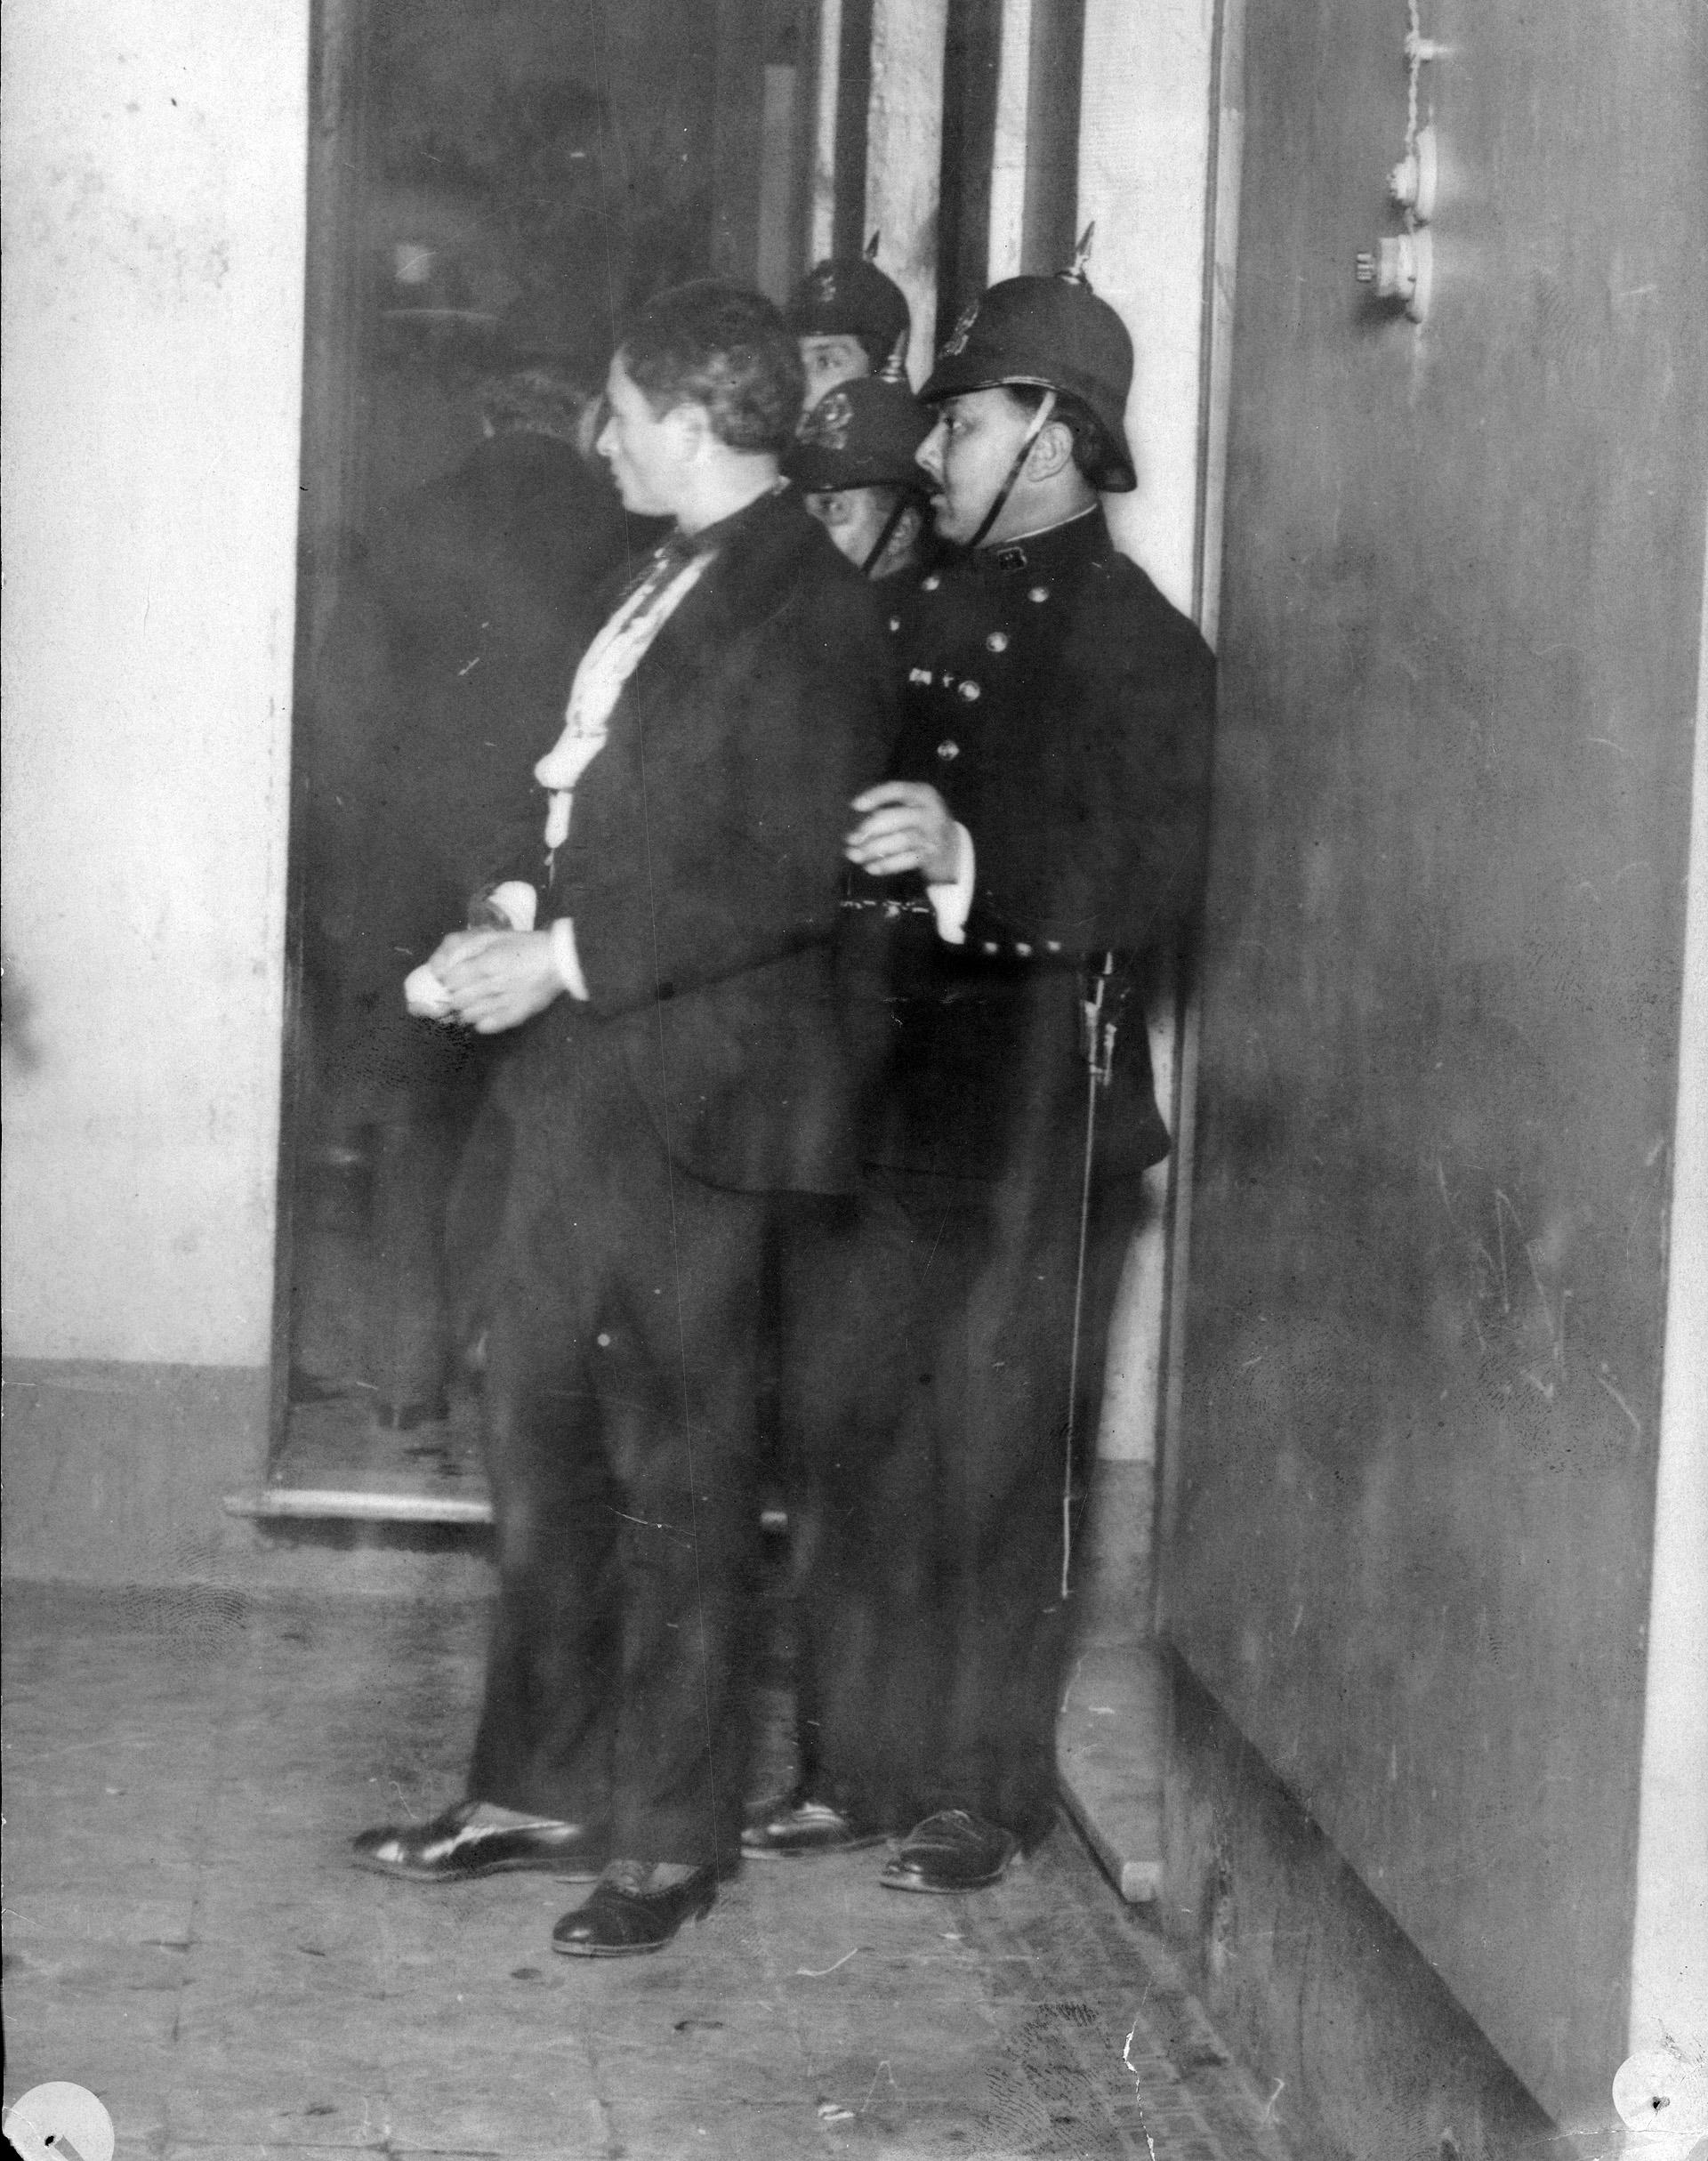 El joven anarquista Juan Mandrini quedódetenido como autor del atentado contra el presidente Victorino de la Plaza. El primer proyectil falló su objetivo; el segundo impactóenel balcón presidencial.